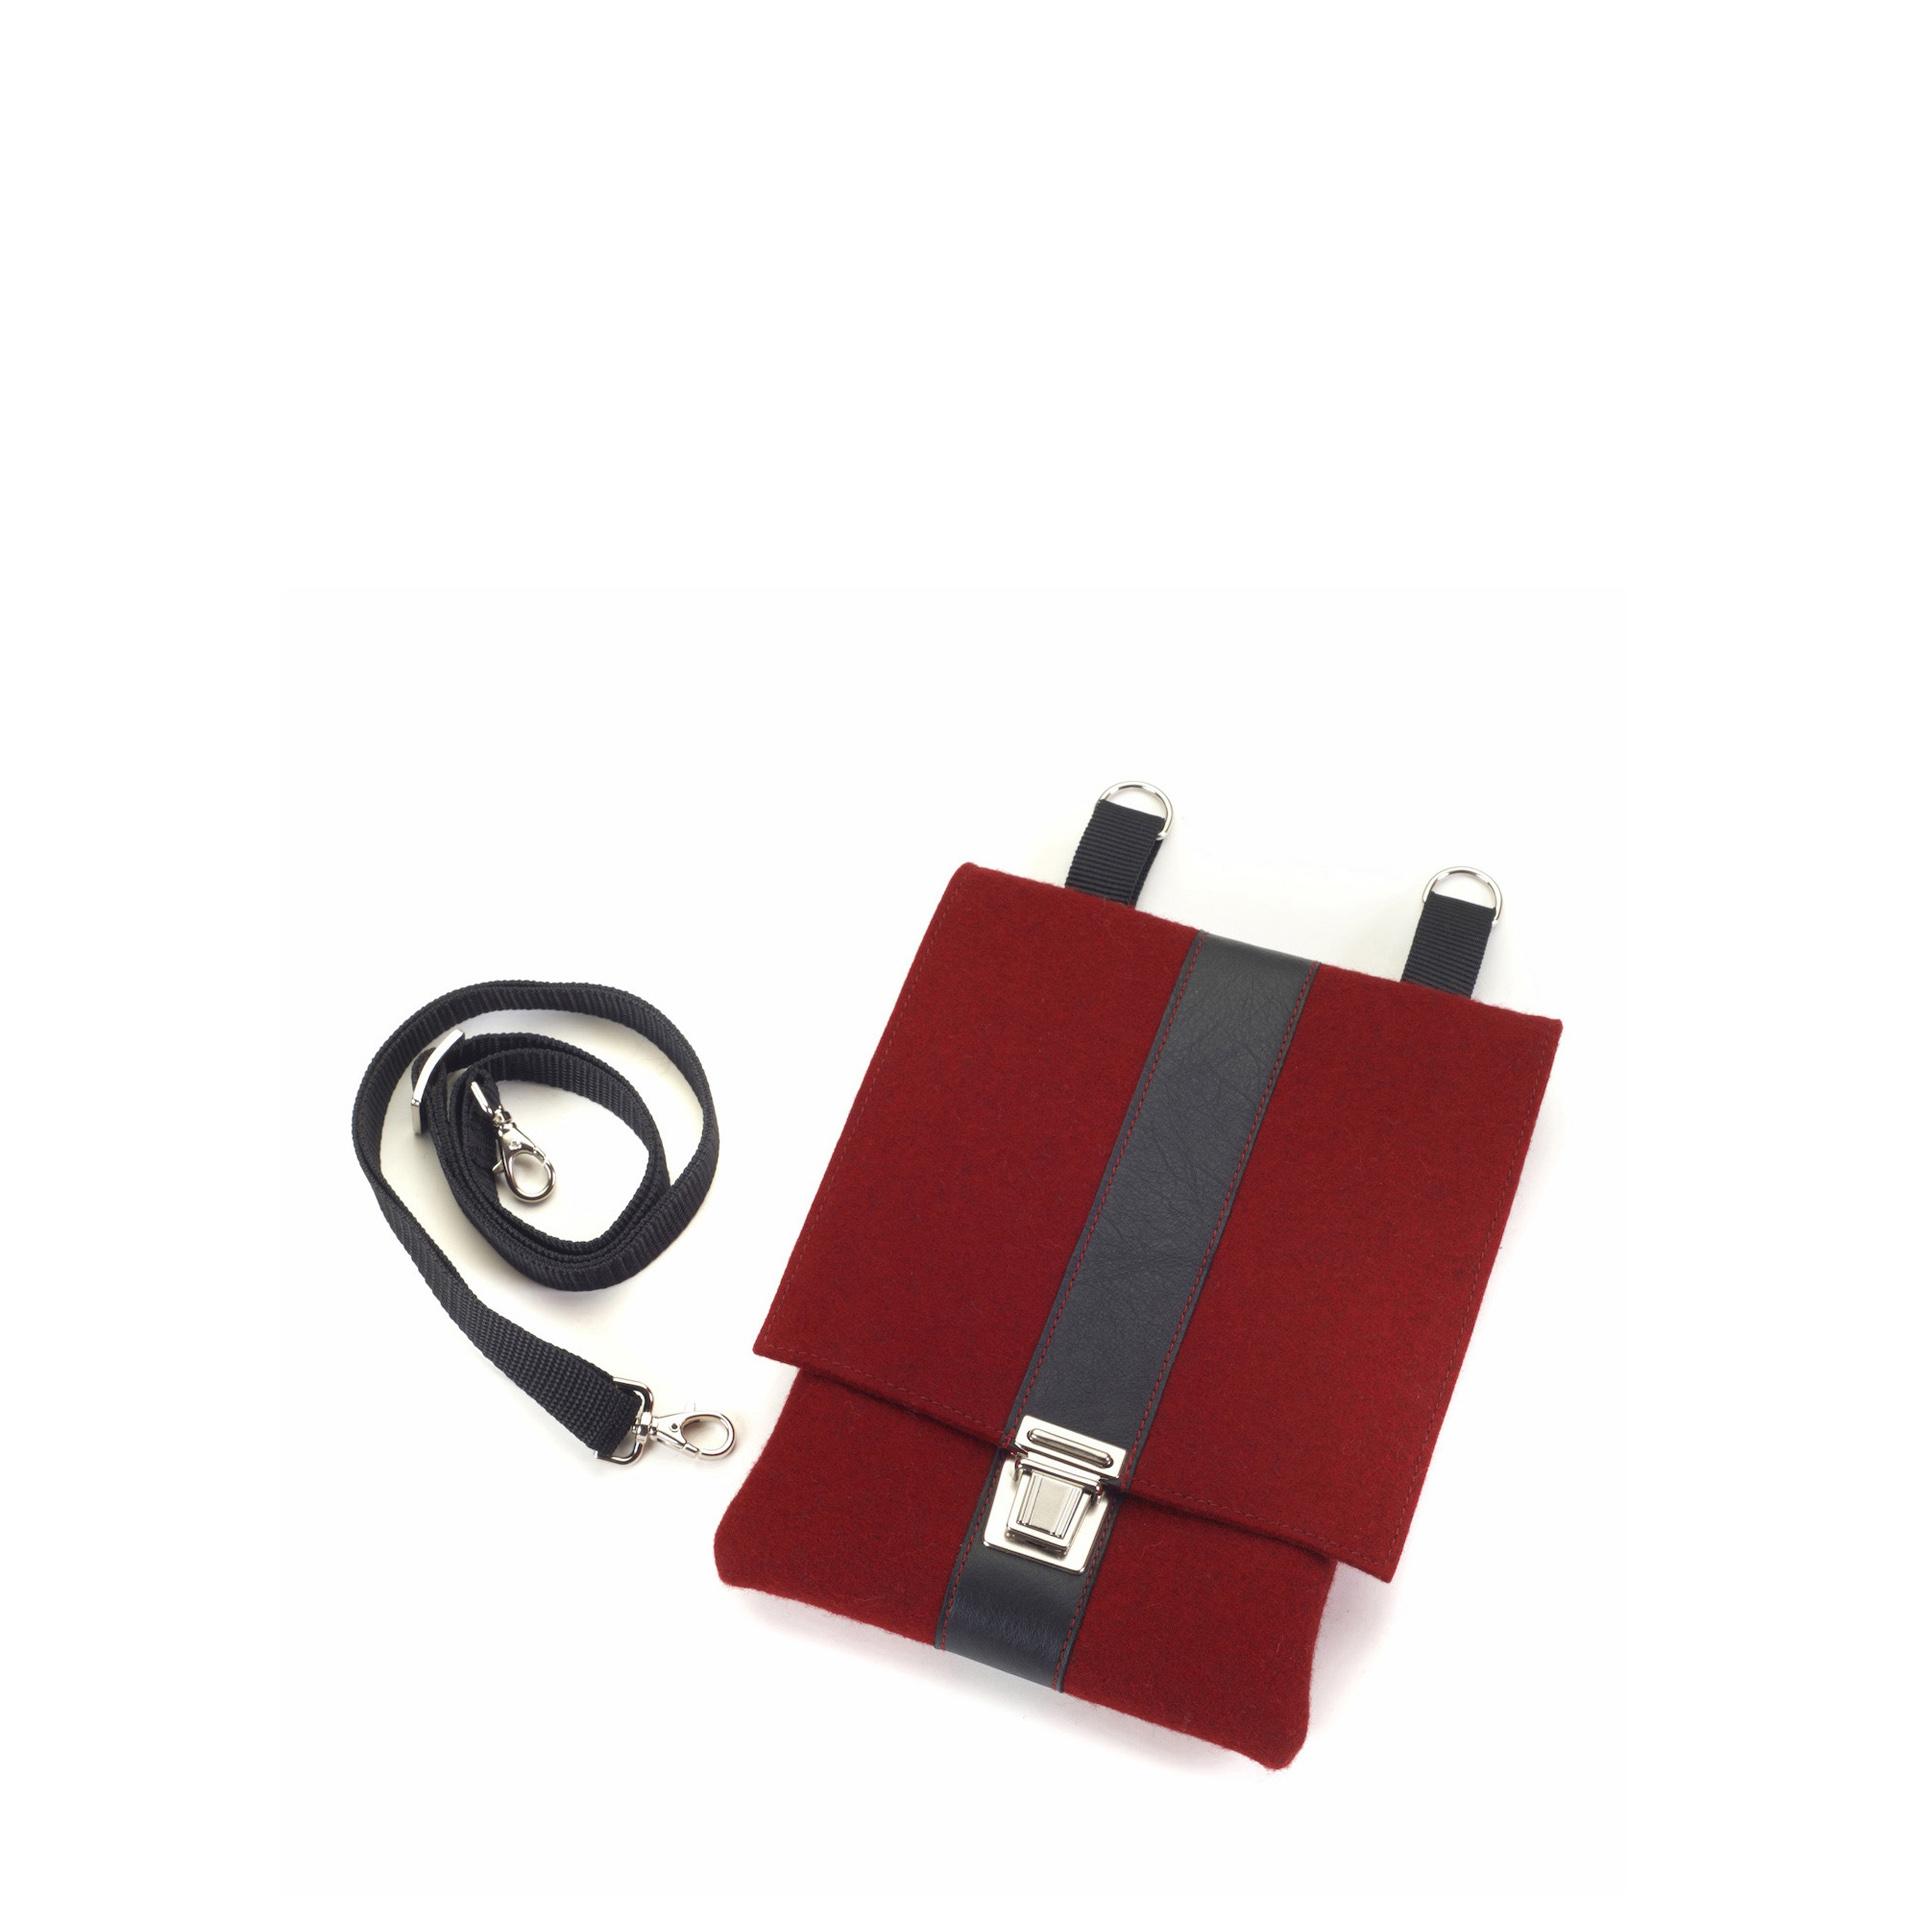 Handtasche Saskia Farbkombination Kirsch-Schwarz